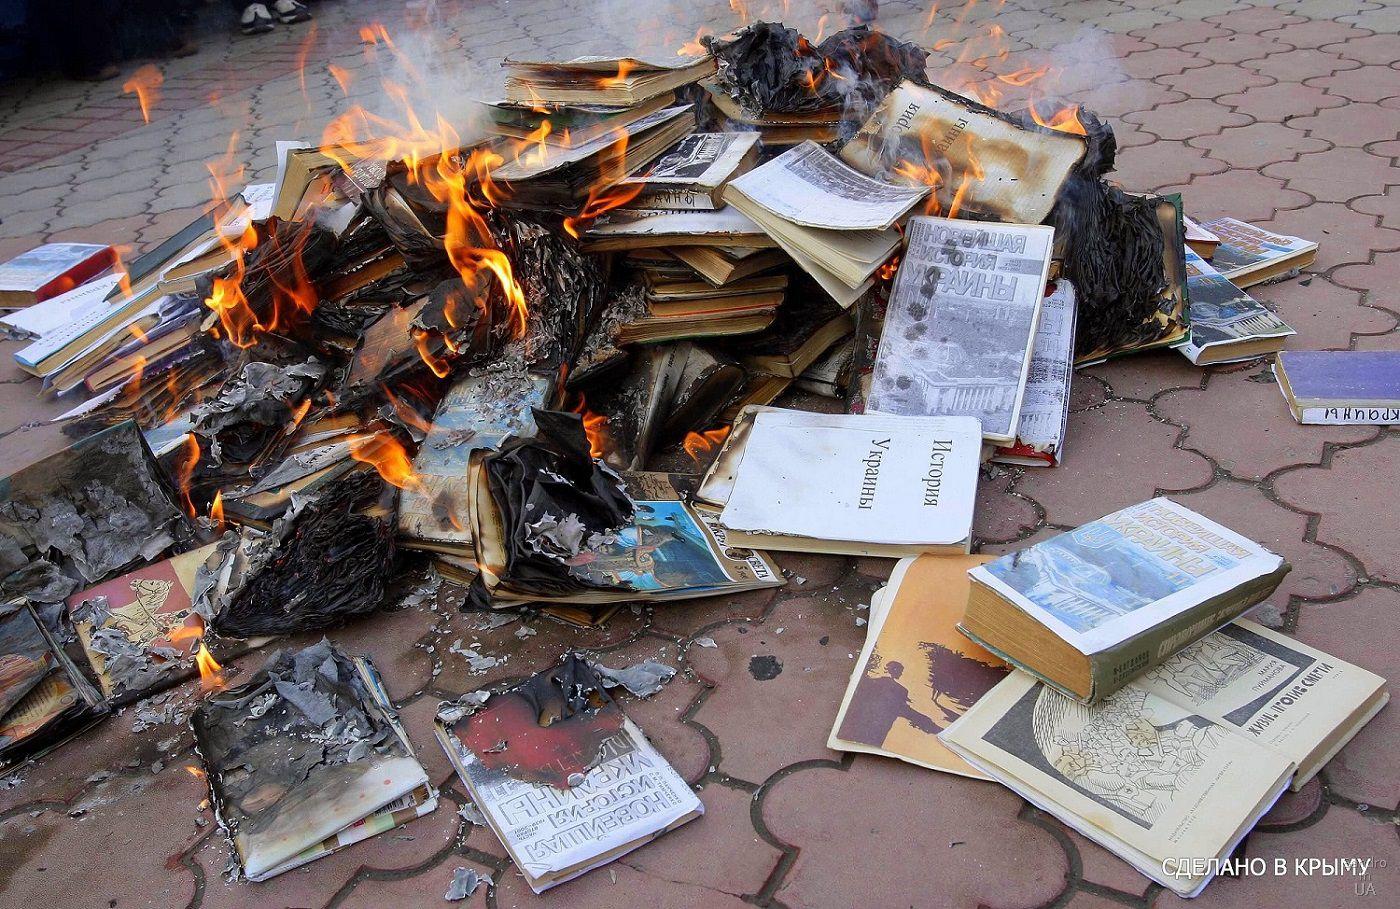 Библиотеку украинской литературы в Москве могут закрыть, - адвокат - Цензор.НЕТ 6536